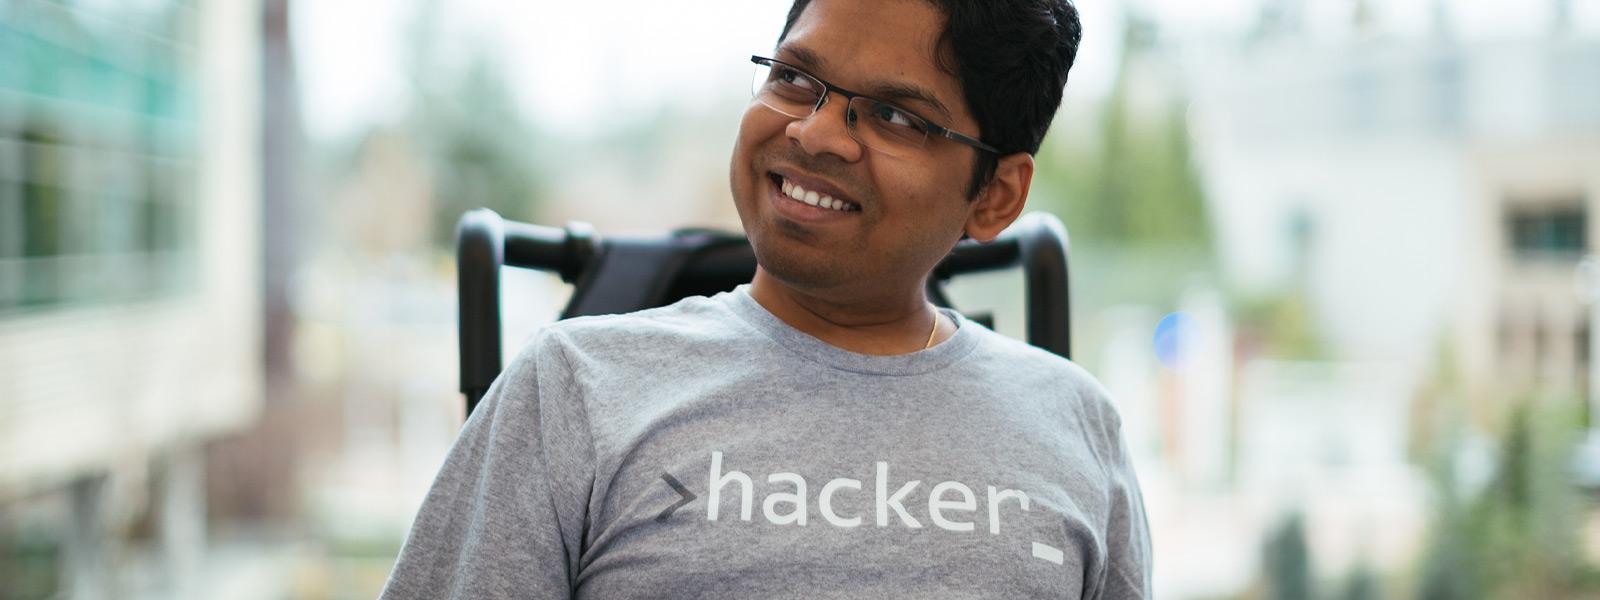 אדם מחייך יושב בכיסא גלגלים